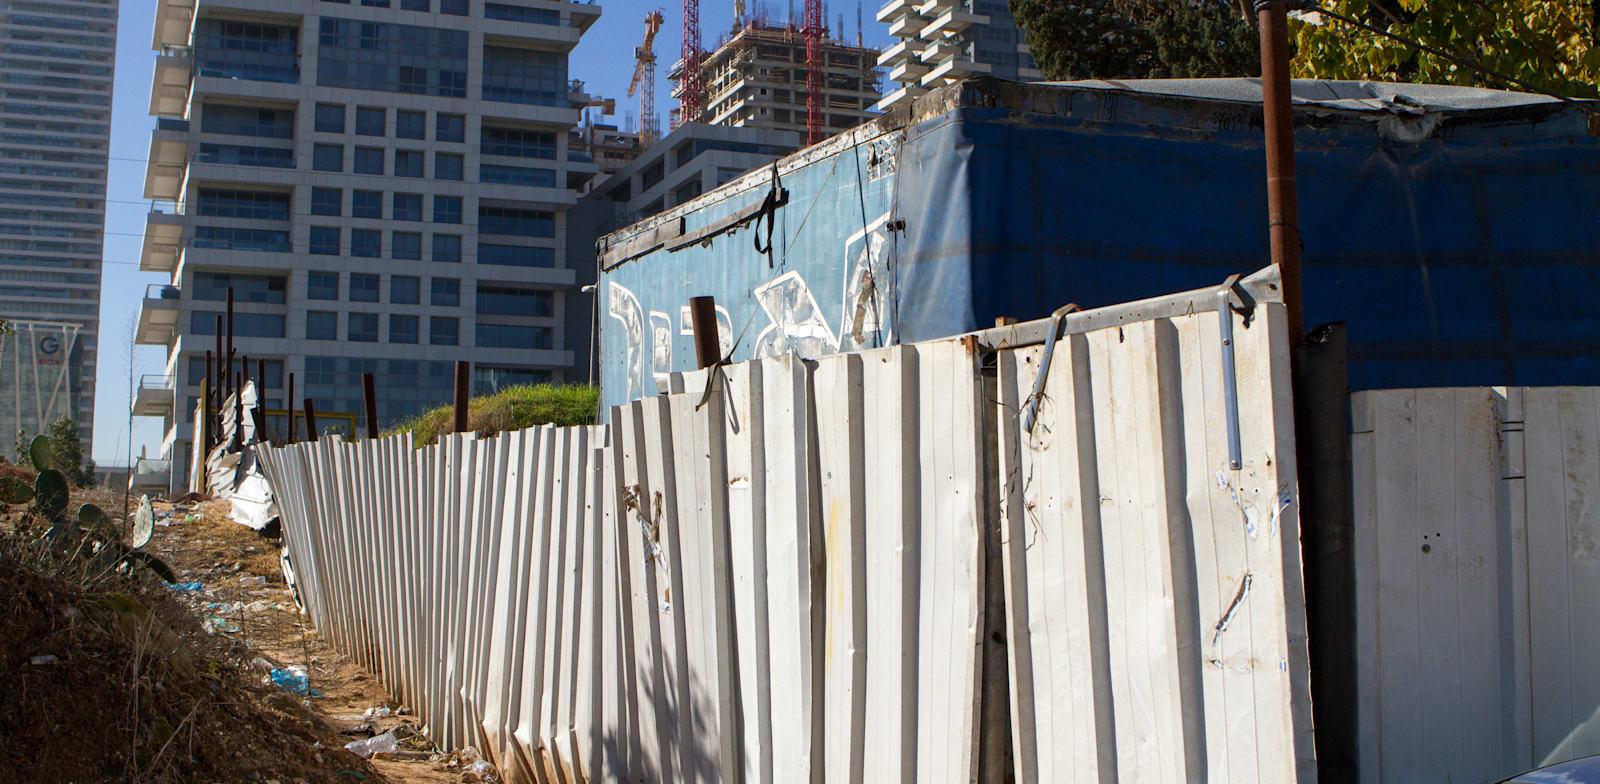 שכונת גבעת עמל. למרות המהמורות, התושבים לא ויתרו / צילום: שלומי יוסף